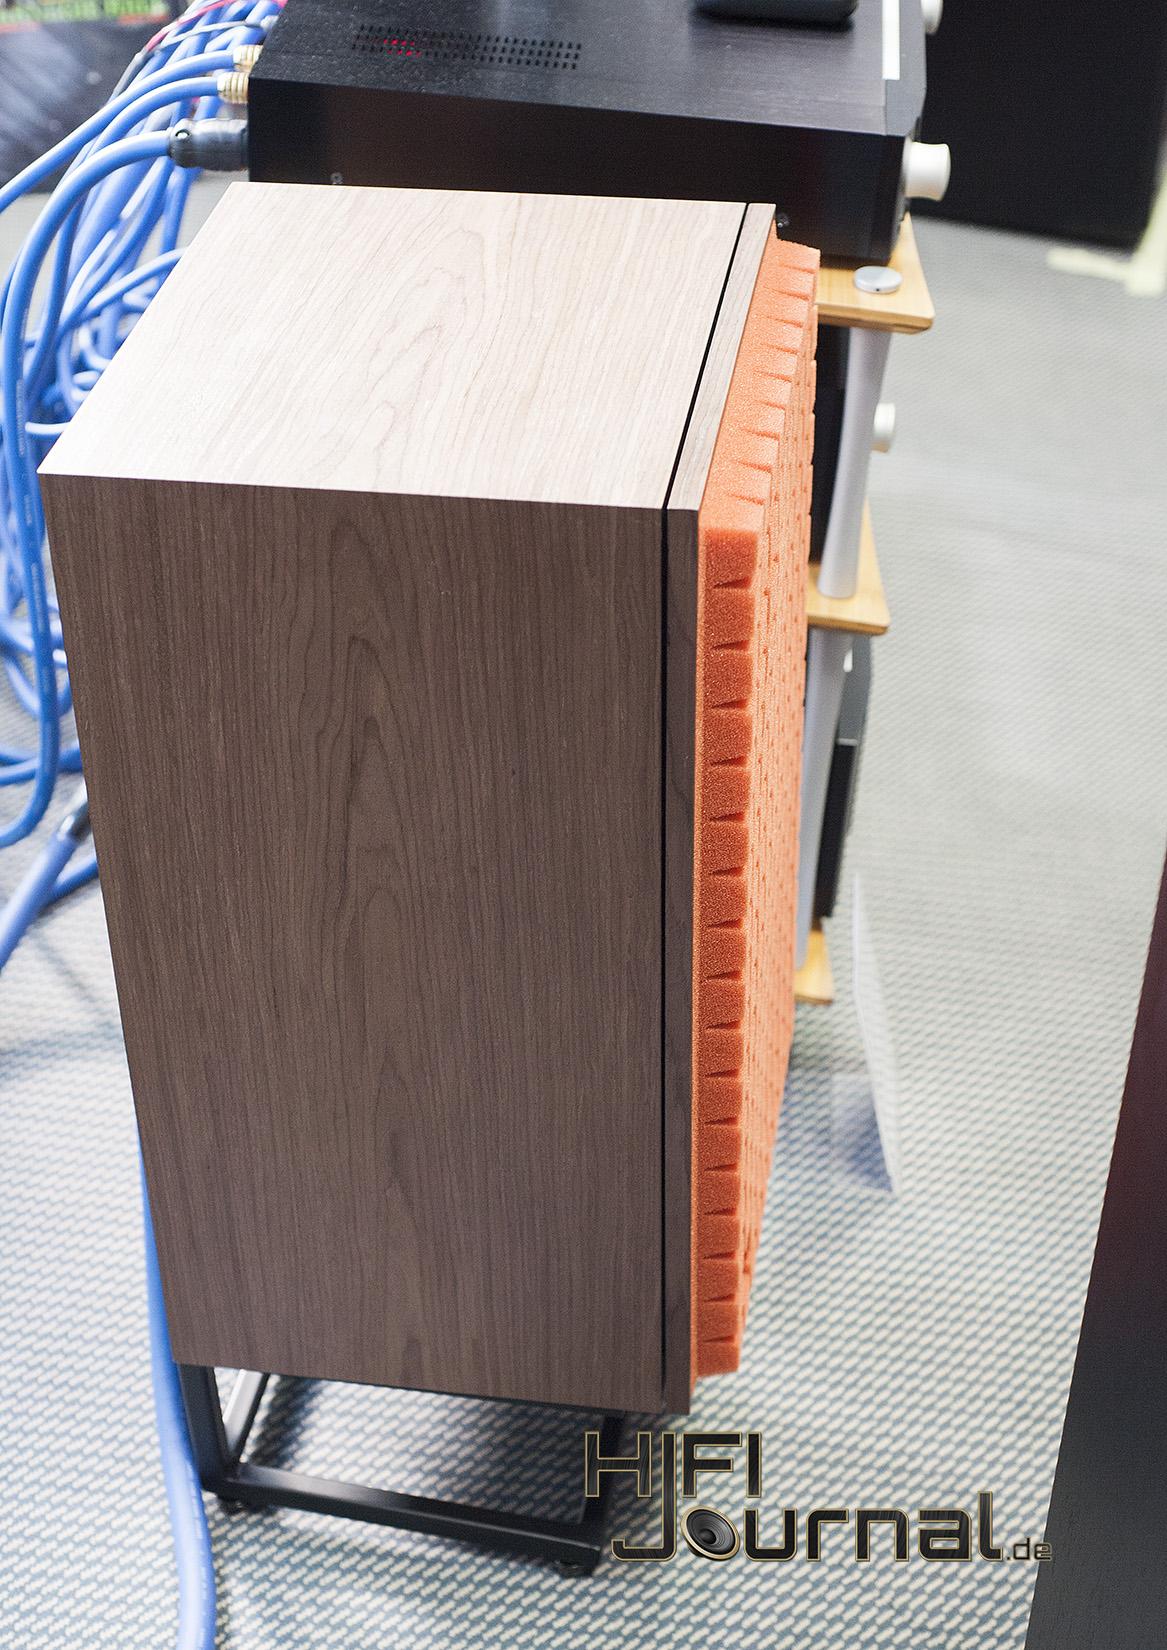 JBL L100 Classic Lautsprecher neu aufgelegt - HiFi-Journal